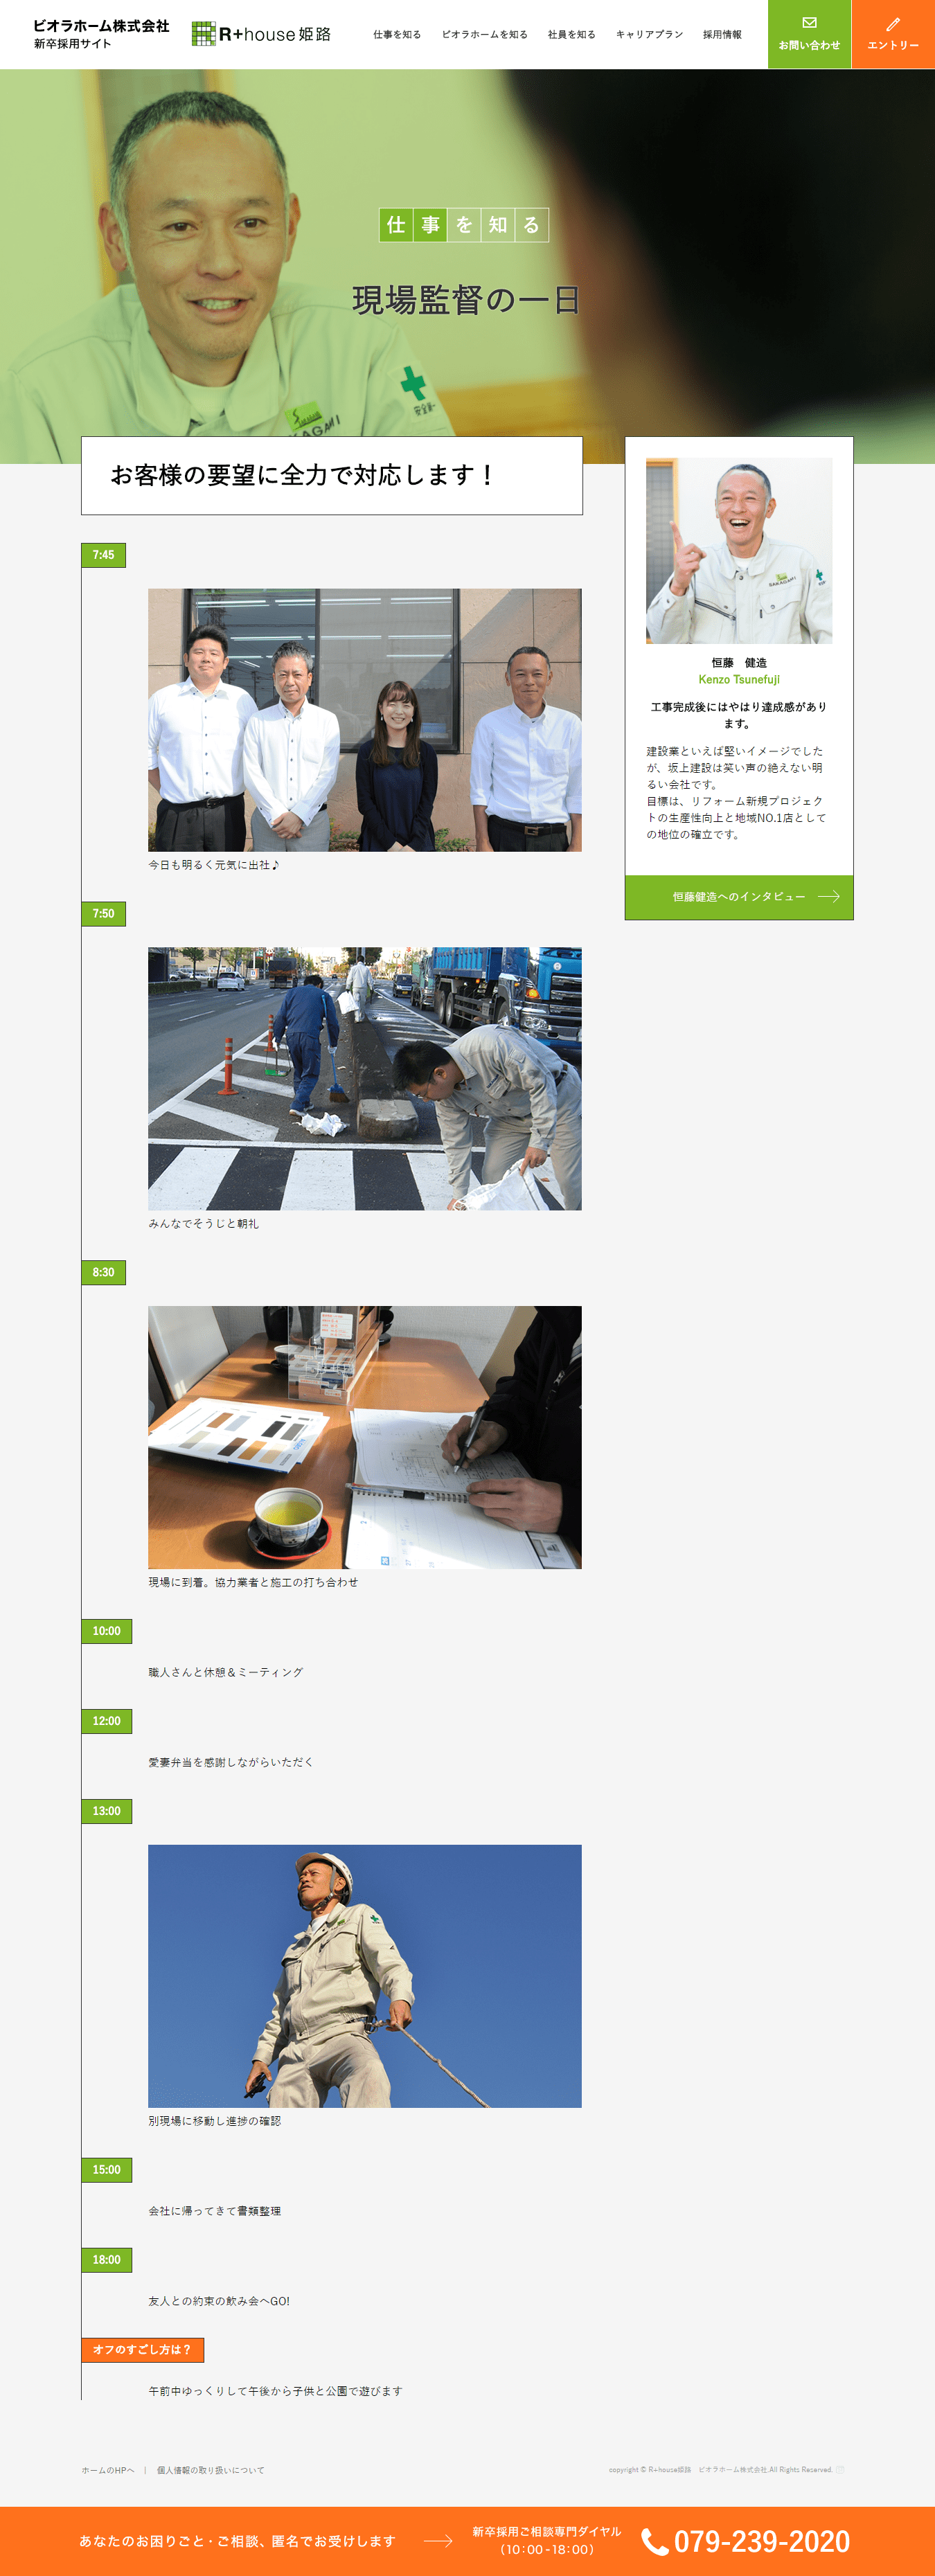 姫路市 ビオラホーム株式会社様 新卒採用サイト2